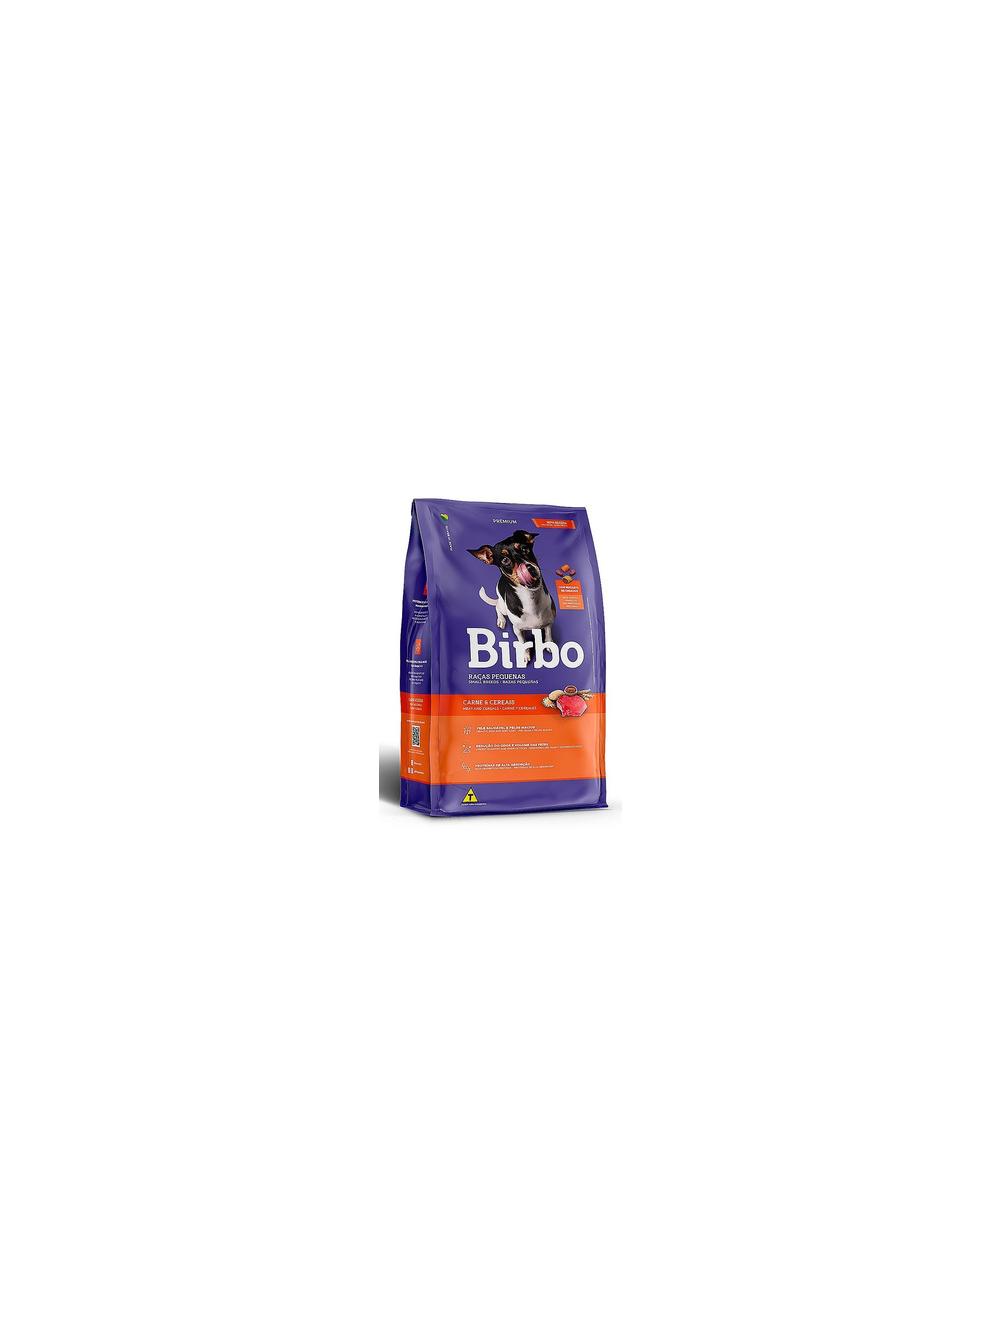 Birbo Dog Adulto Razas Pequeñas 15 kg - Ciudaddemascotas.com